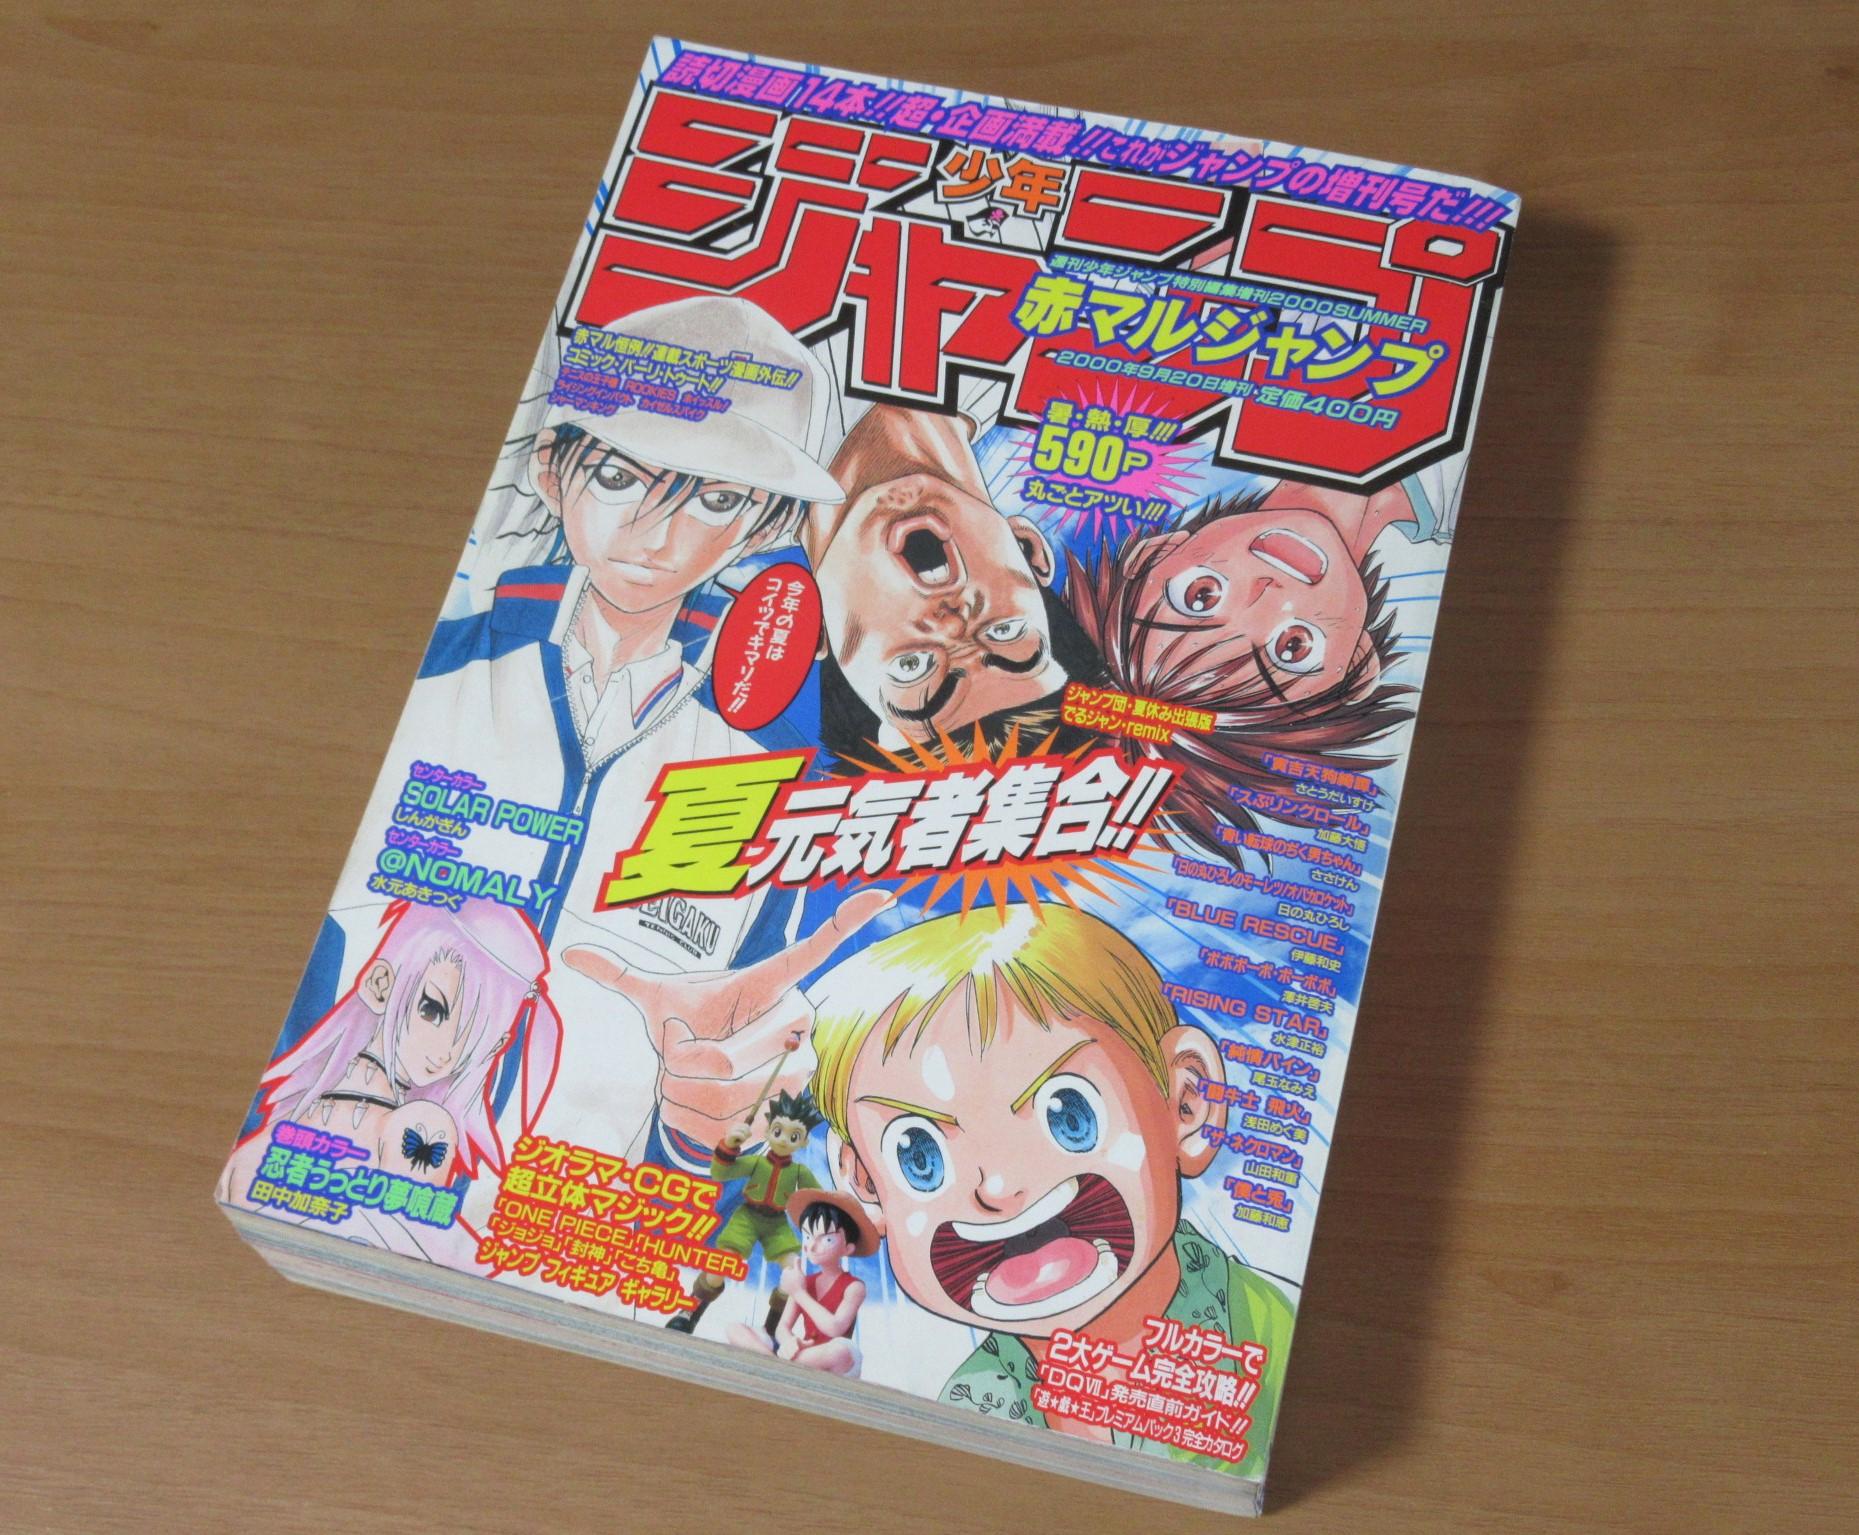 赤マル ジャンプ 買取 2000年 夏 サマー SUMMER 9月20日増刊